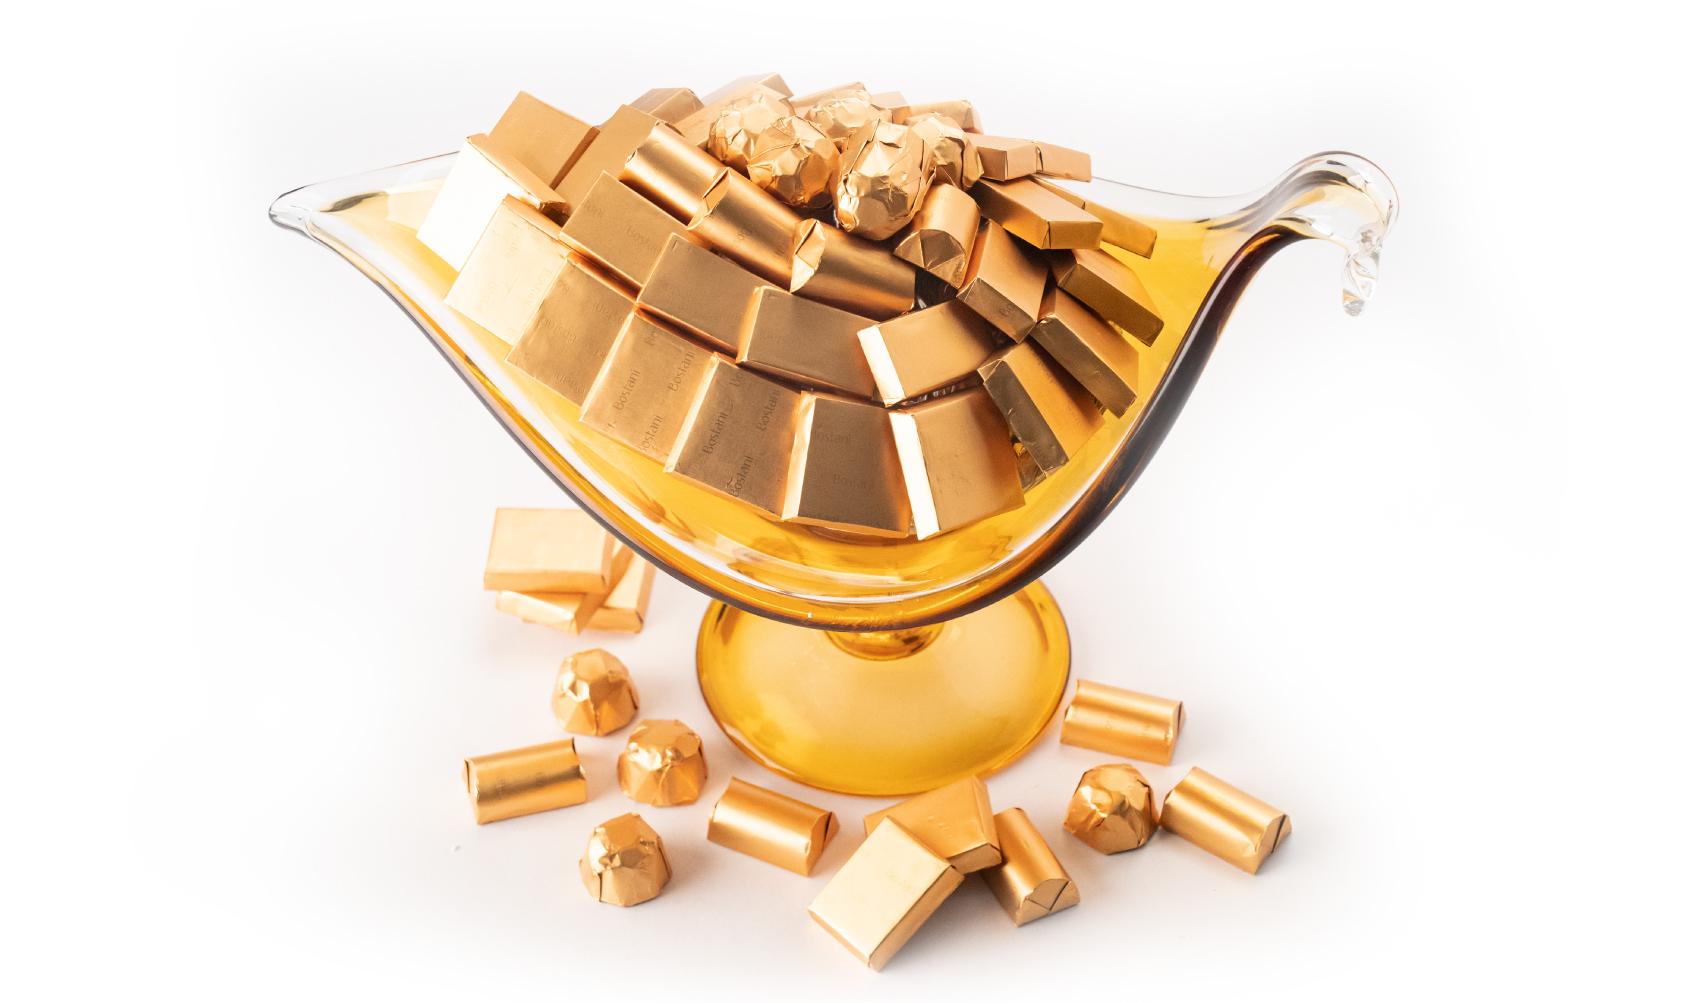 Mix Chocolate Lamp Glass Italian Handmade Dish